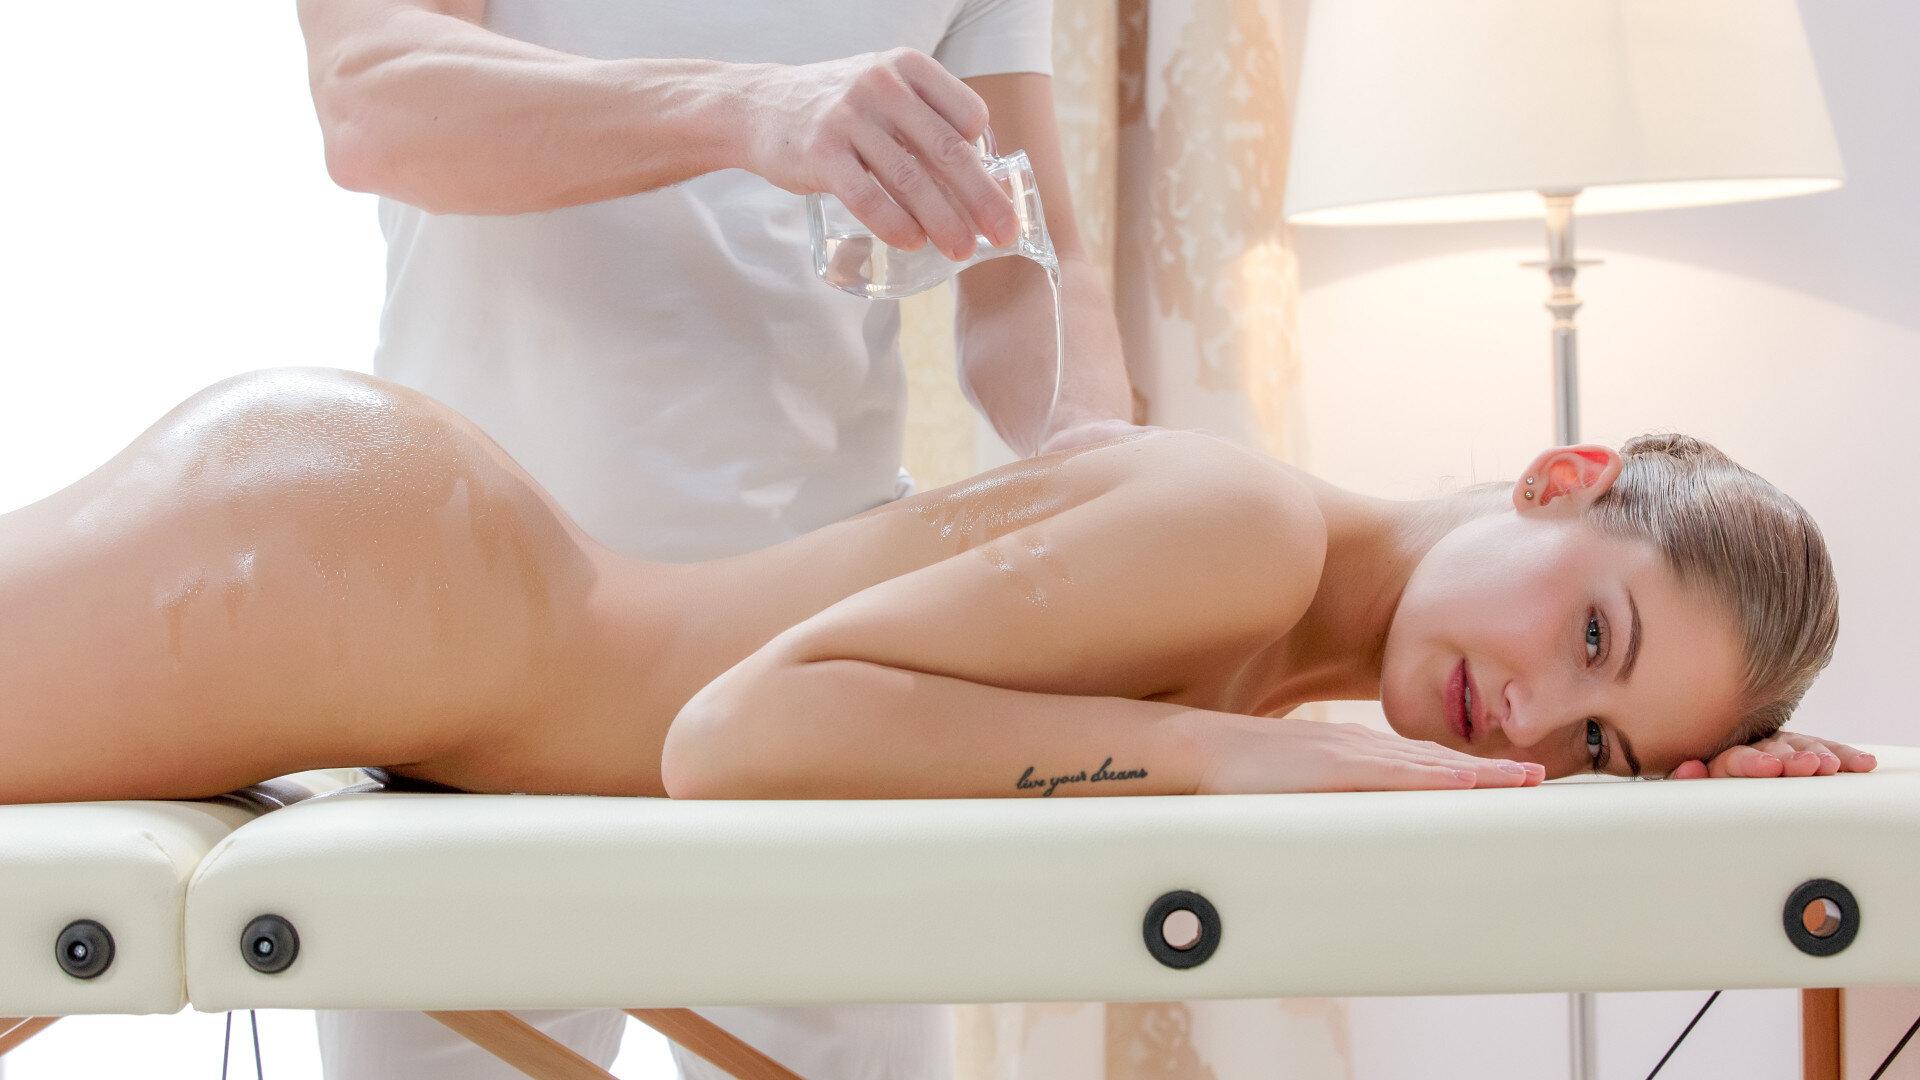 Erotik Und Sinnliche Massage